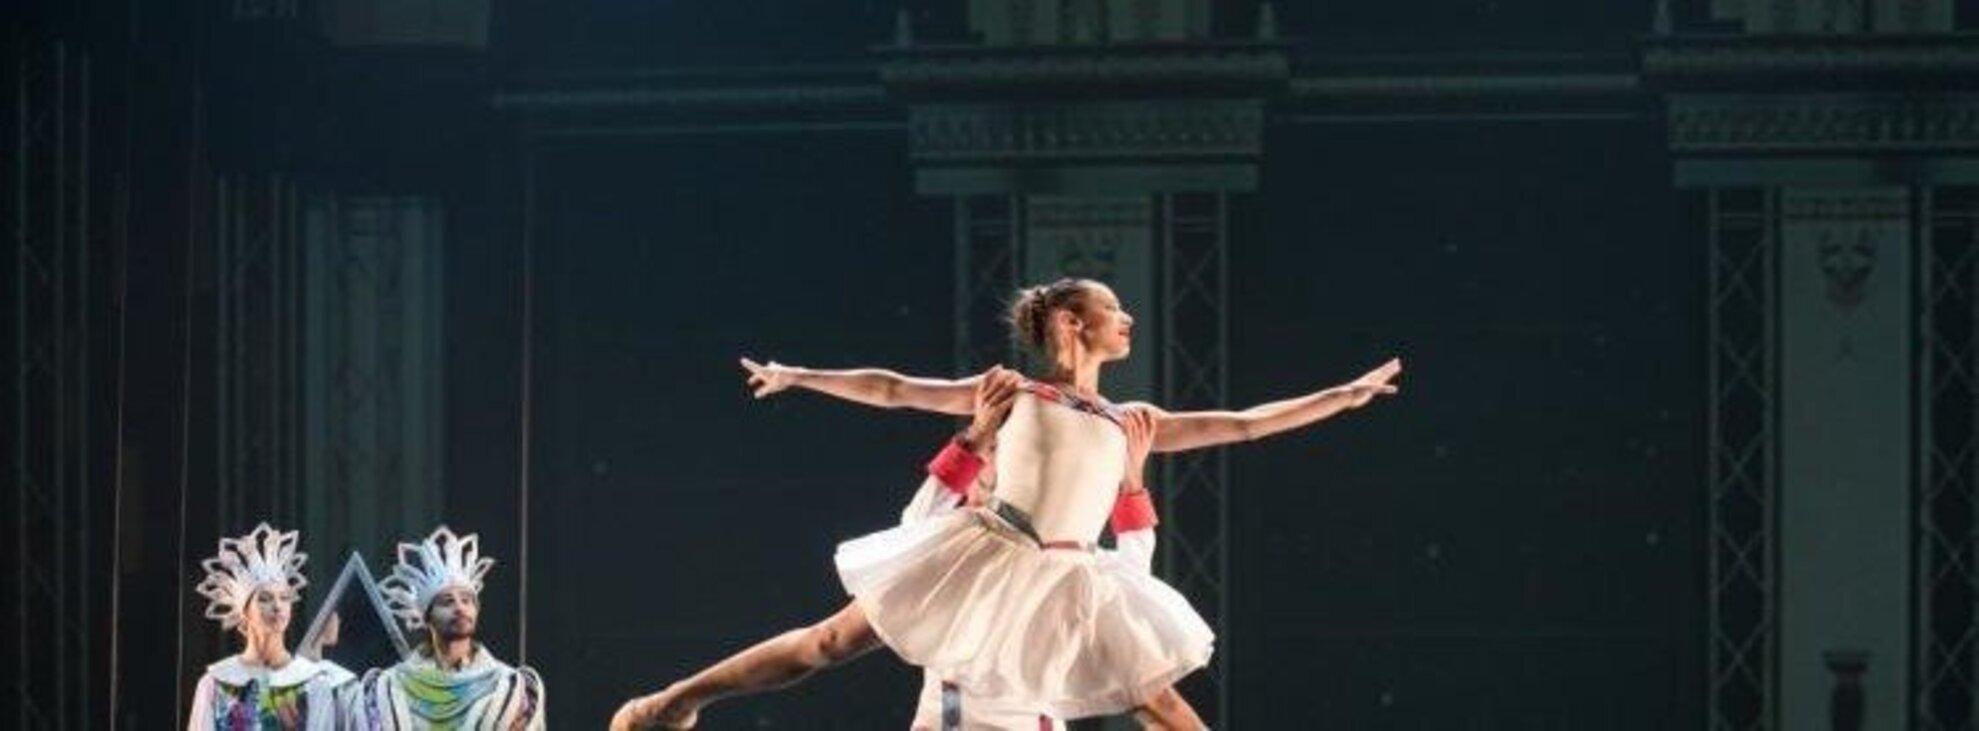 Dióhéjban – Diótörő balettszvit